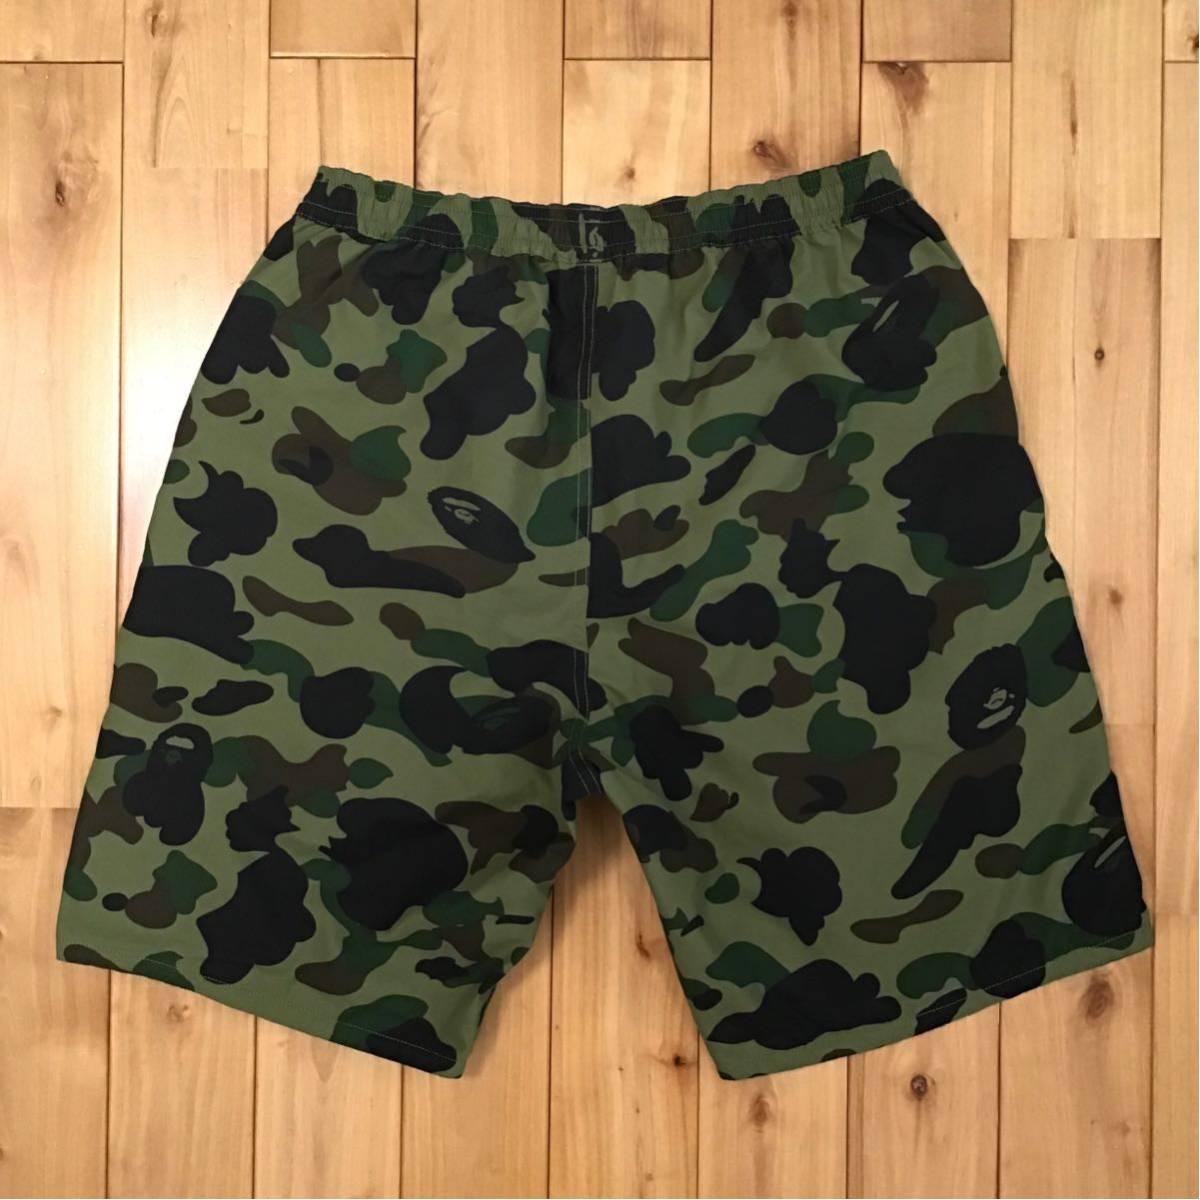 ★リバーシブル★ シャーク ハーフパンツ Lサイズ a bathing ape BAPE shark shorts ショーツ エイプ ベイプ 迷彩 navy × 1st camo green